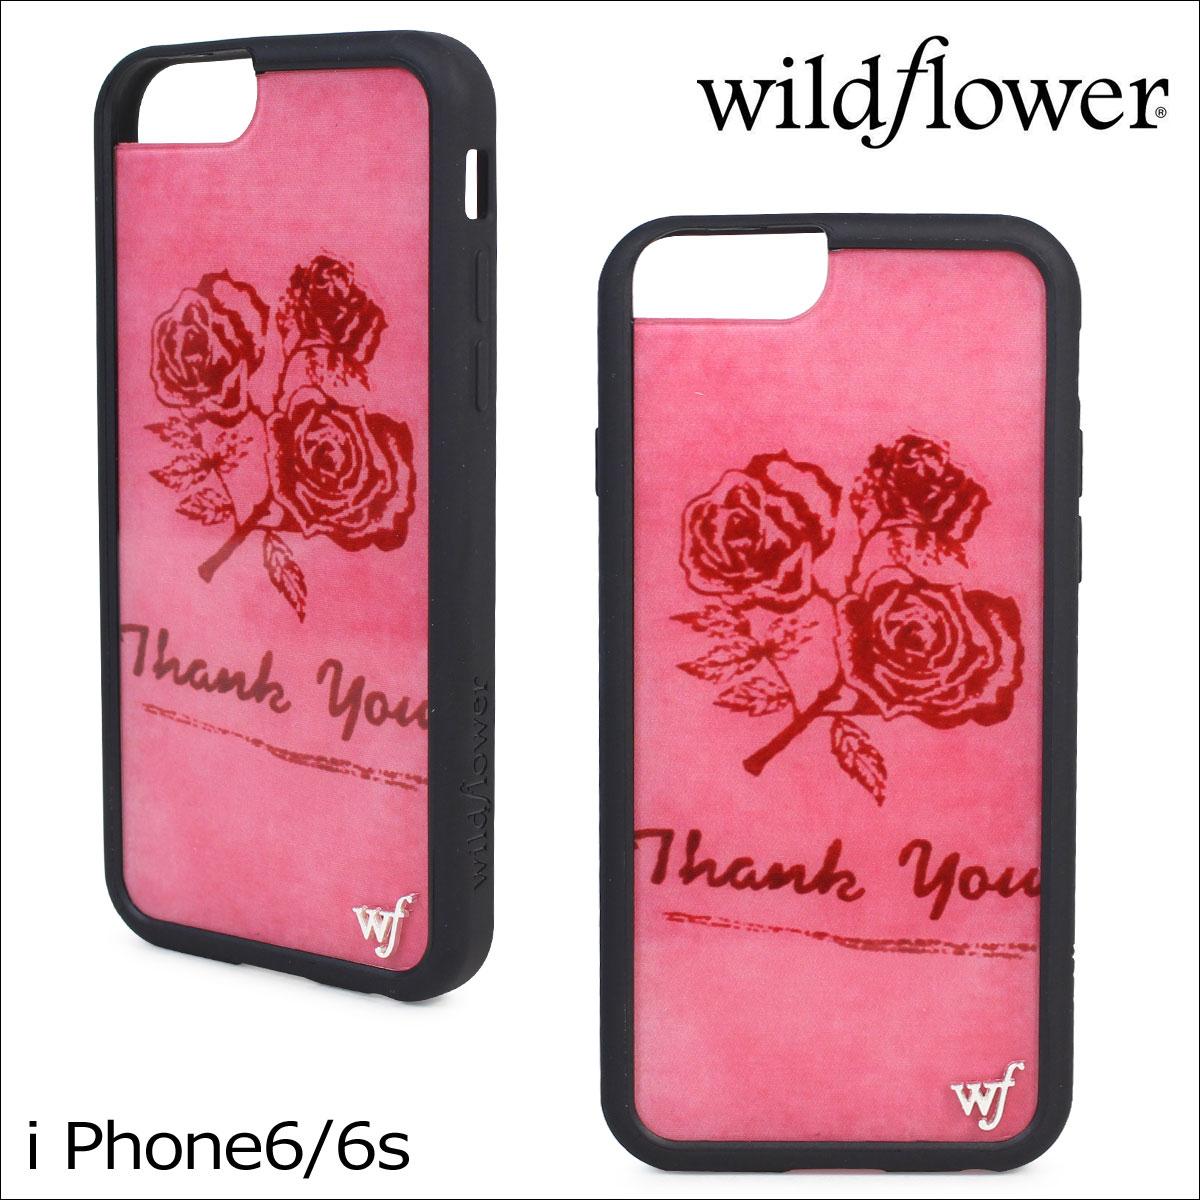 wildflower ワイルドフラワー iPhone8 SE 7 6 6s ケース スマホ 携帯 アイフォン レディース ピンク THAN ネコポス可